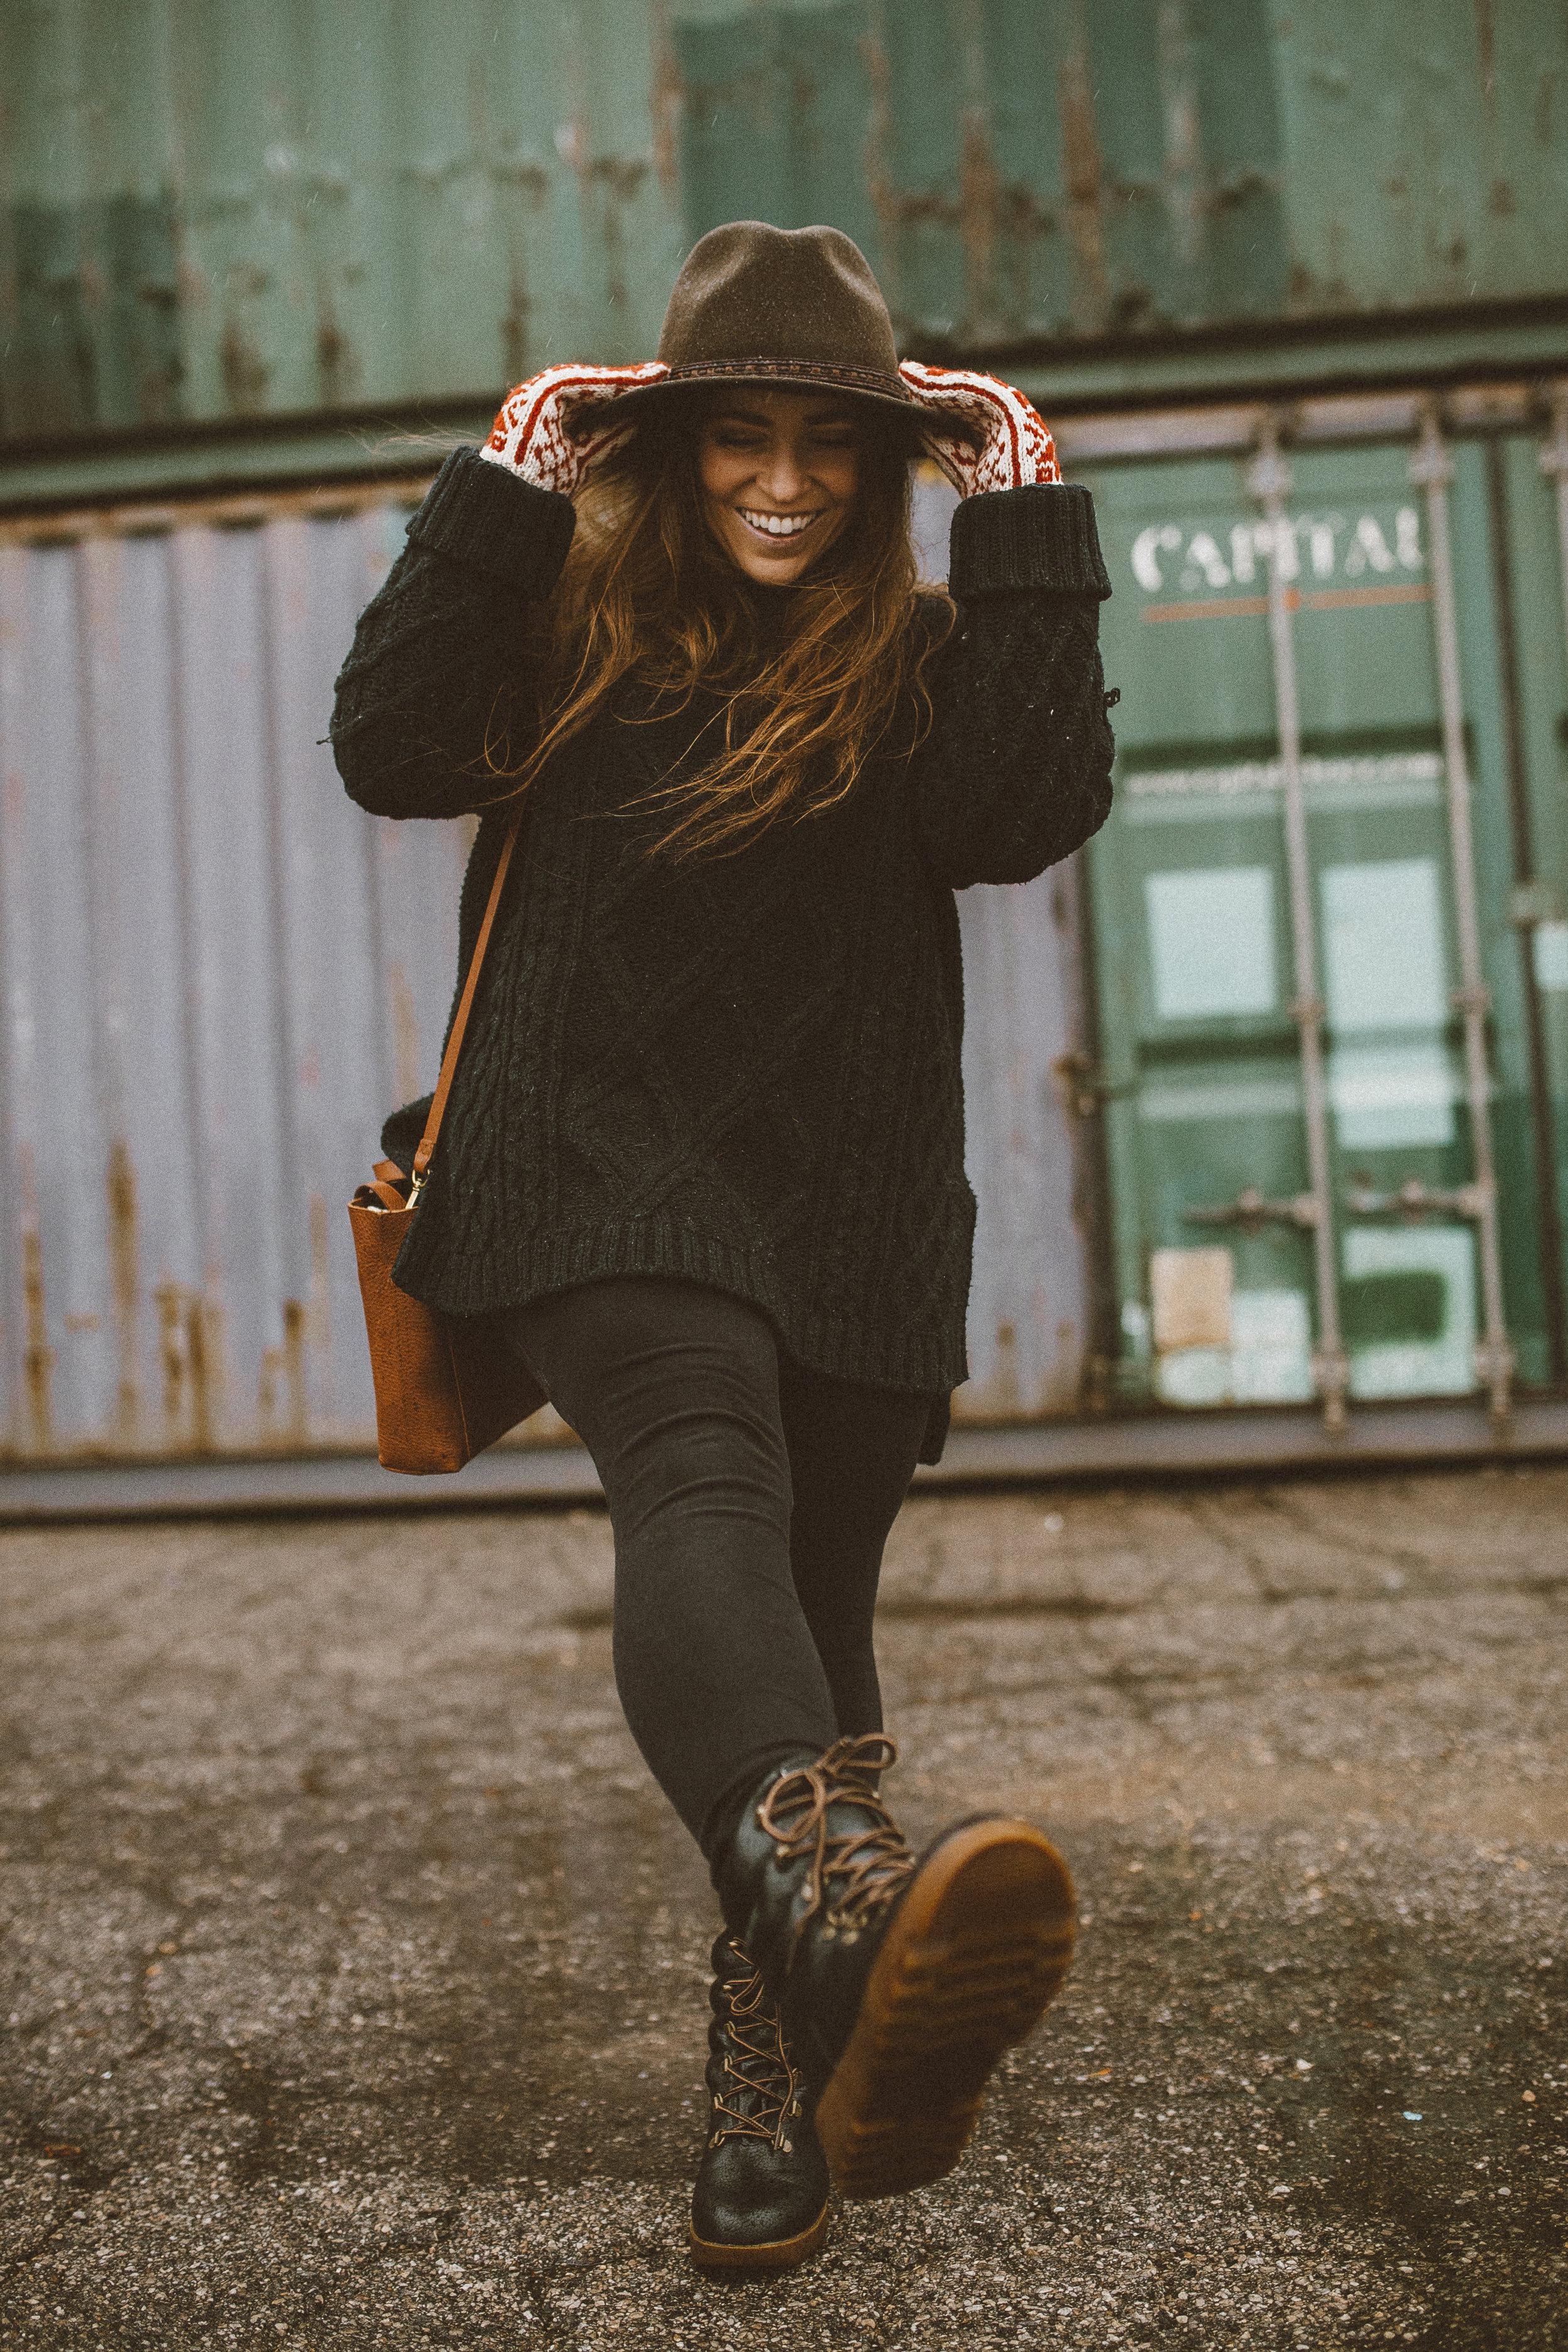 cougar sundance fashion snow boots-13.jpg